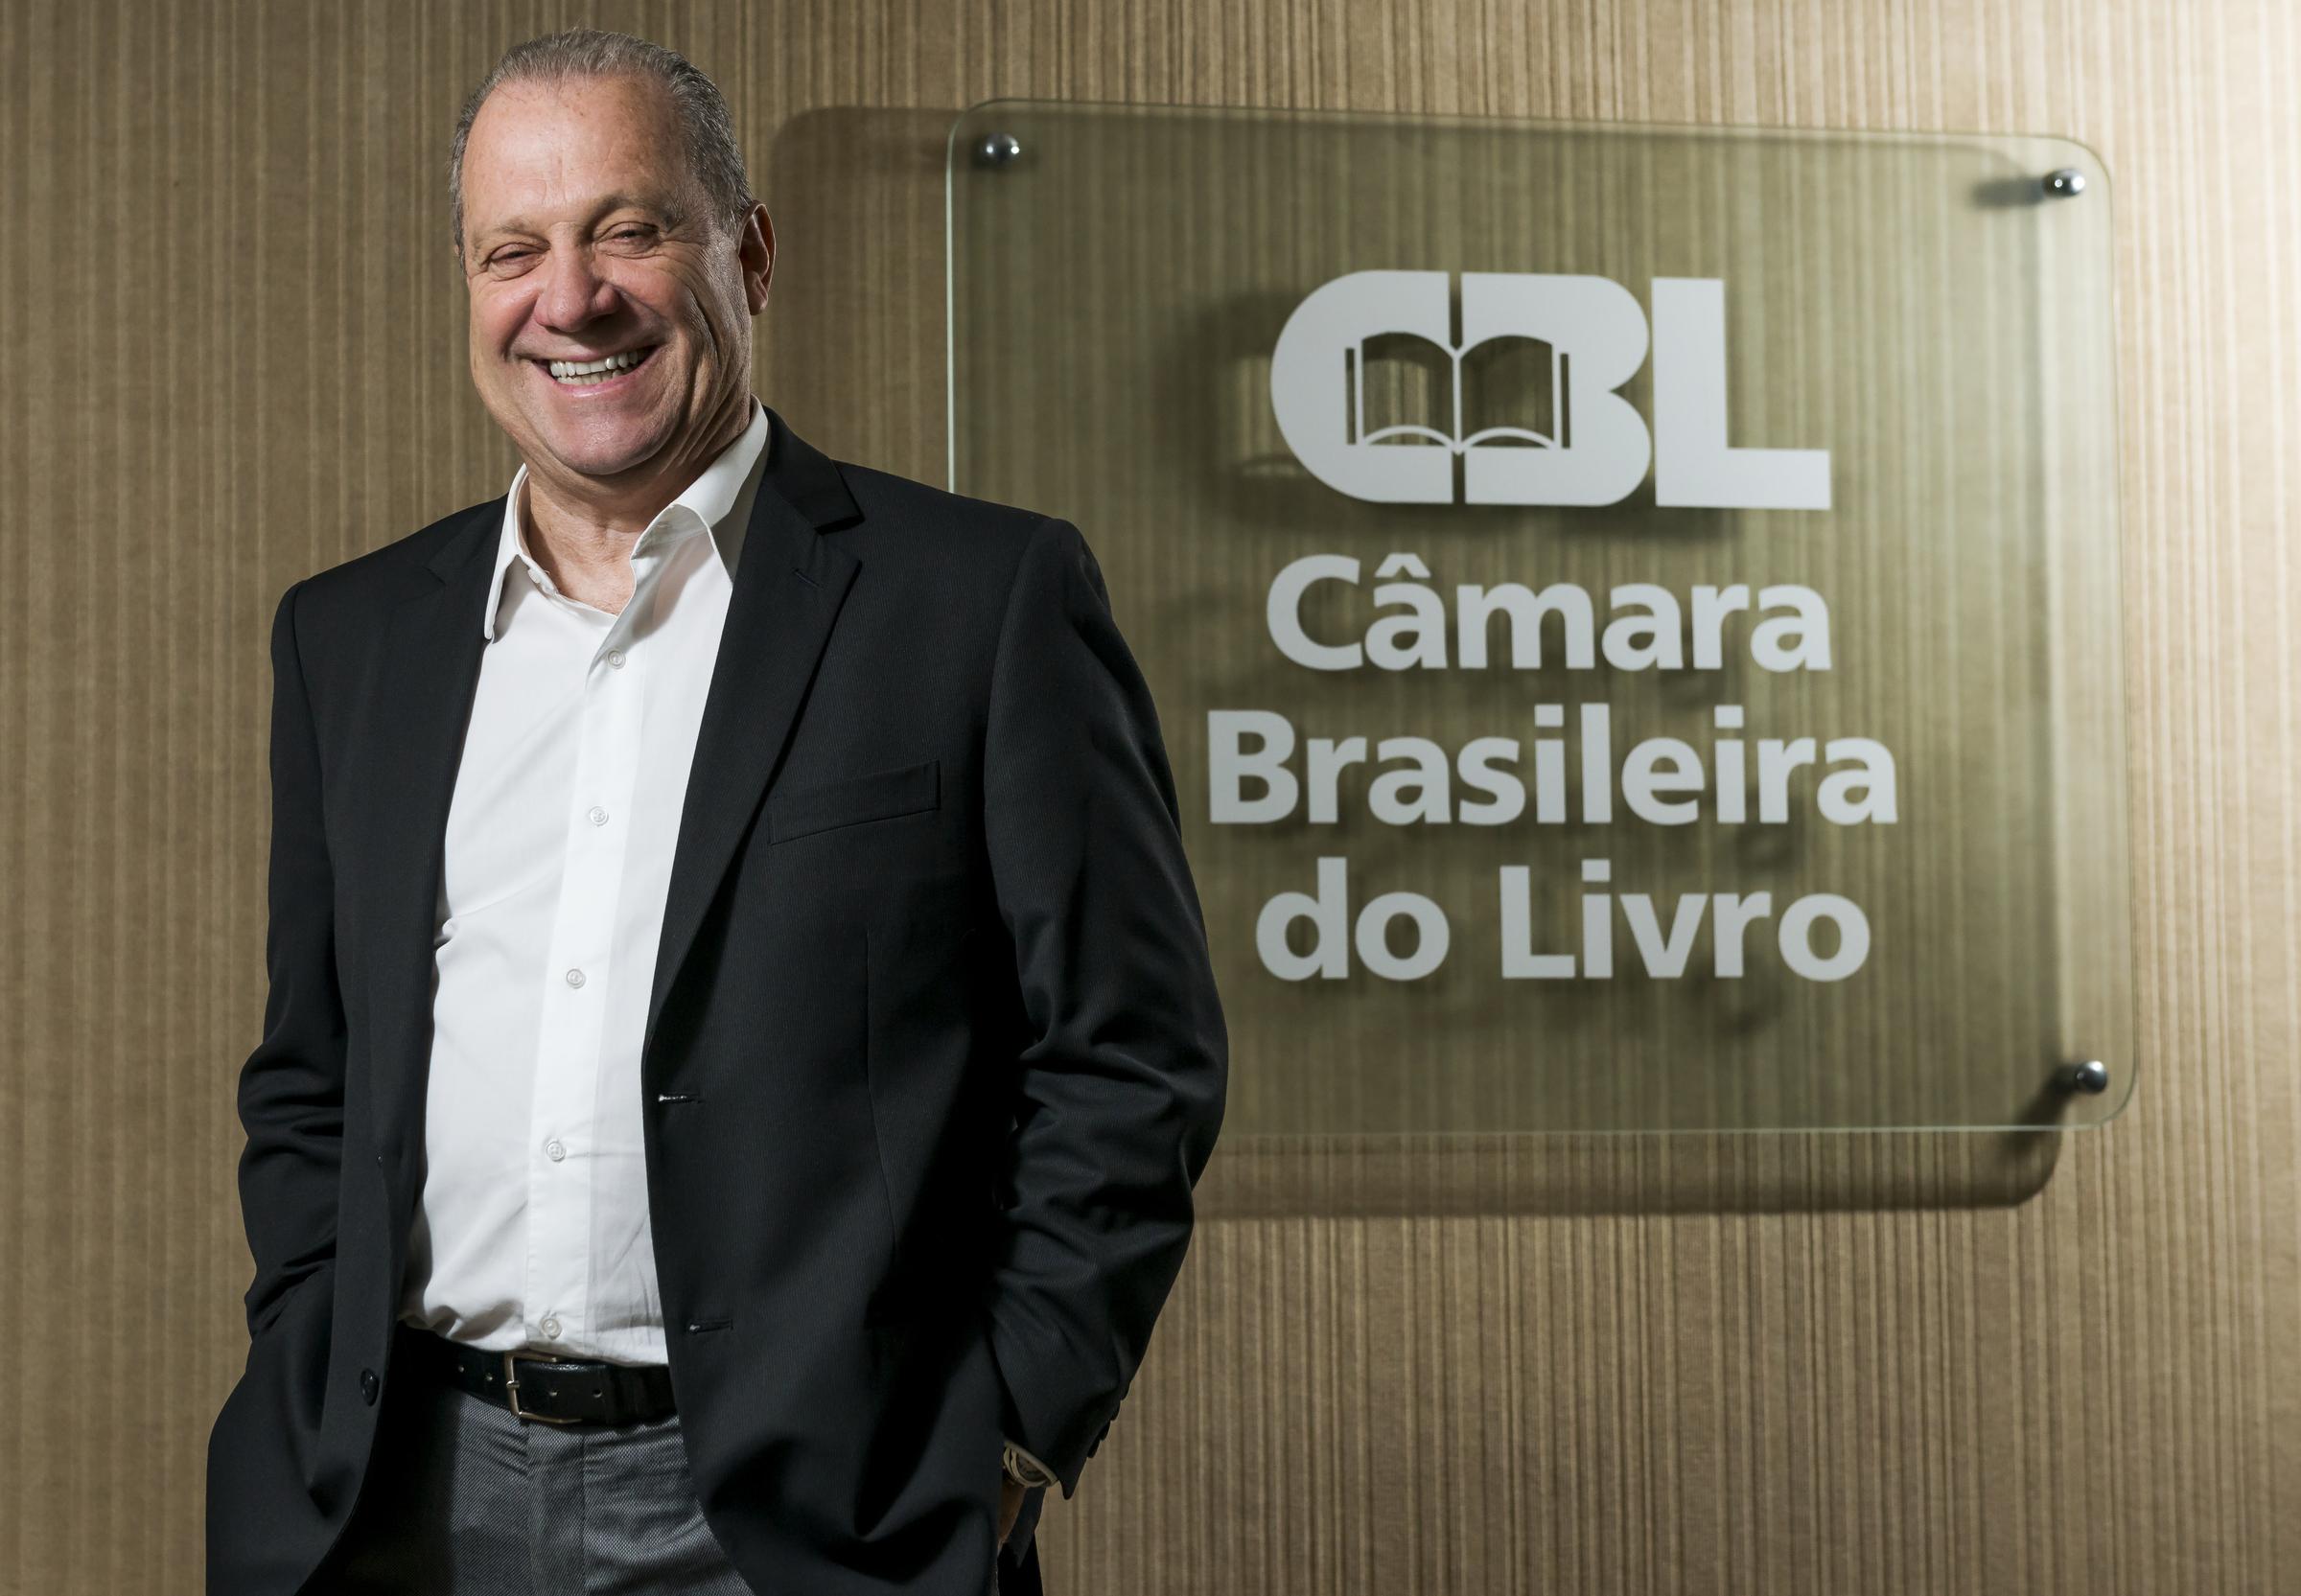 Câmara Brasileira do Livro recebe homenagem no Senado Federal por incentivo cultural